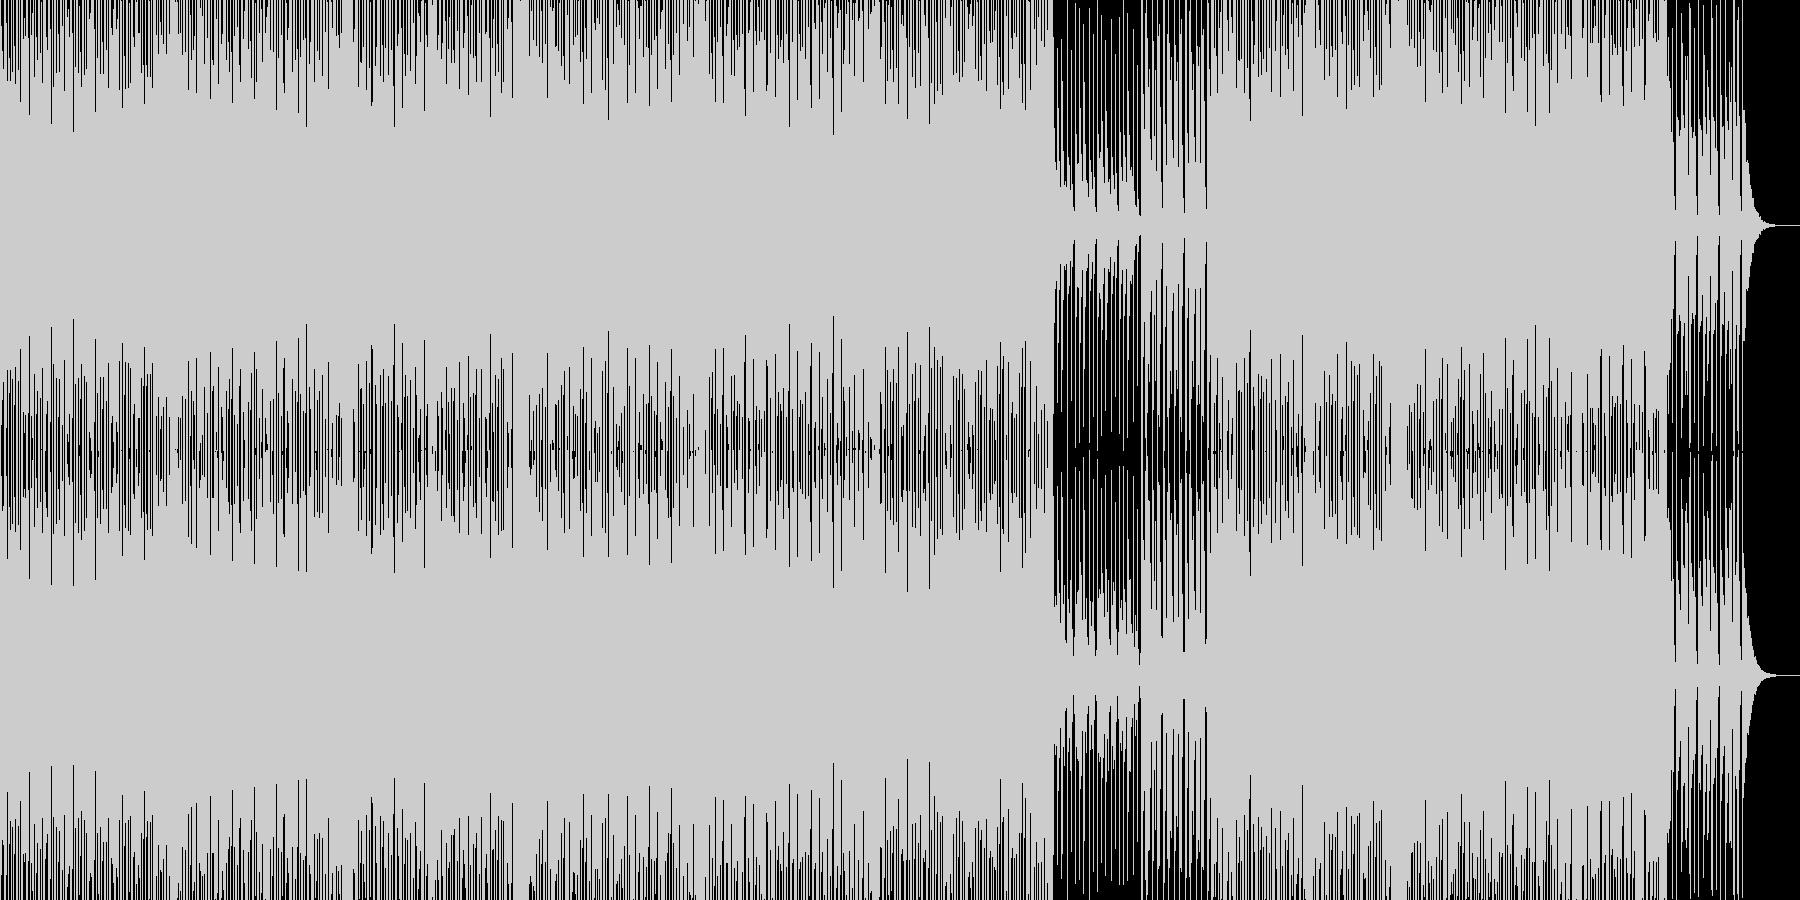 ダンステクノ風な楽曲です。の未再生の波形